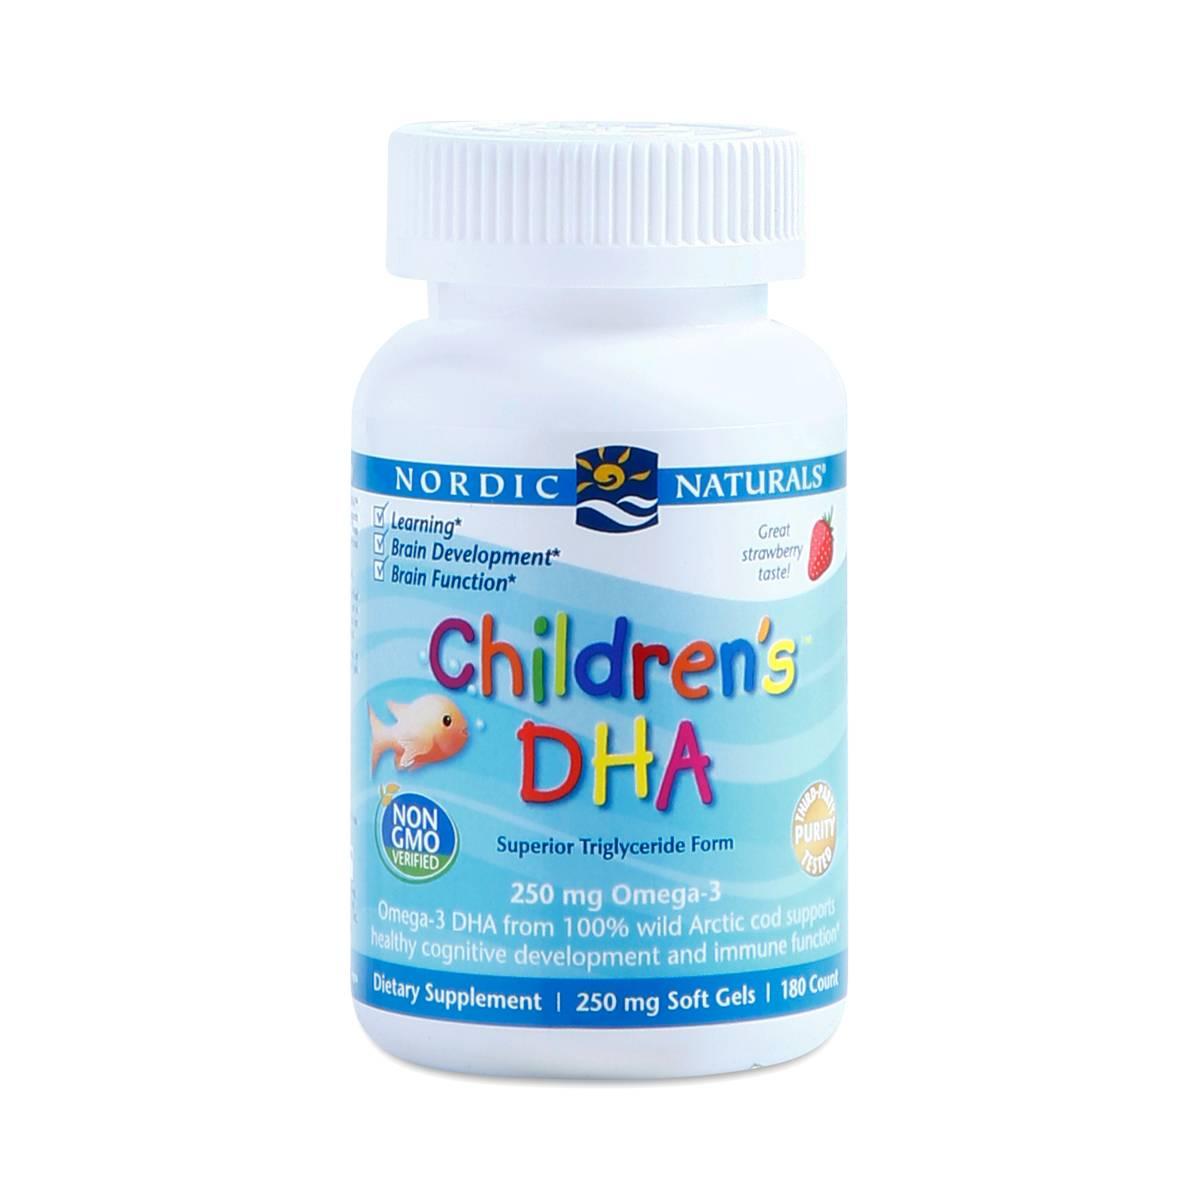 Nordic Naturals Children S Dha Dosage